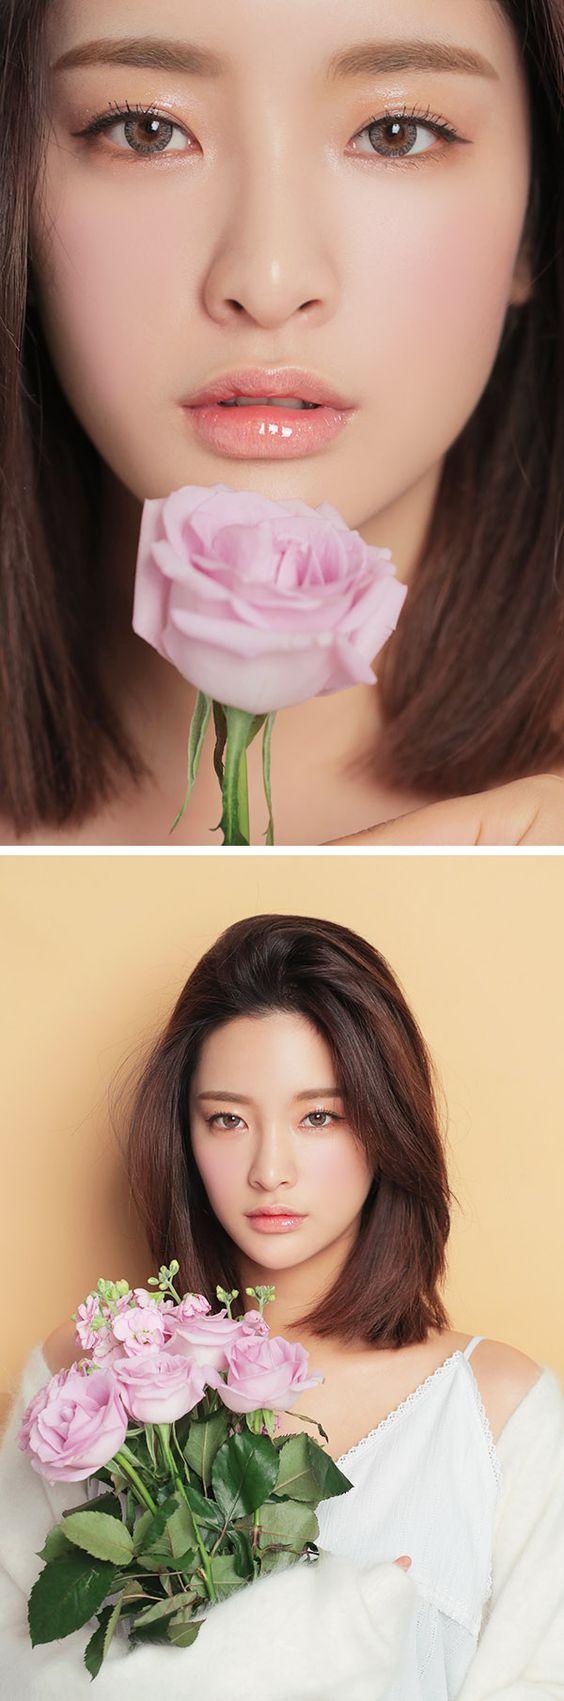 Eun jin kim woriheri on pinterest